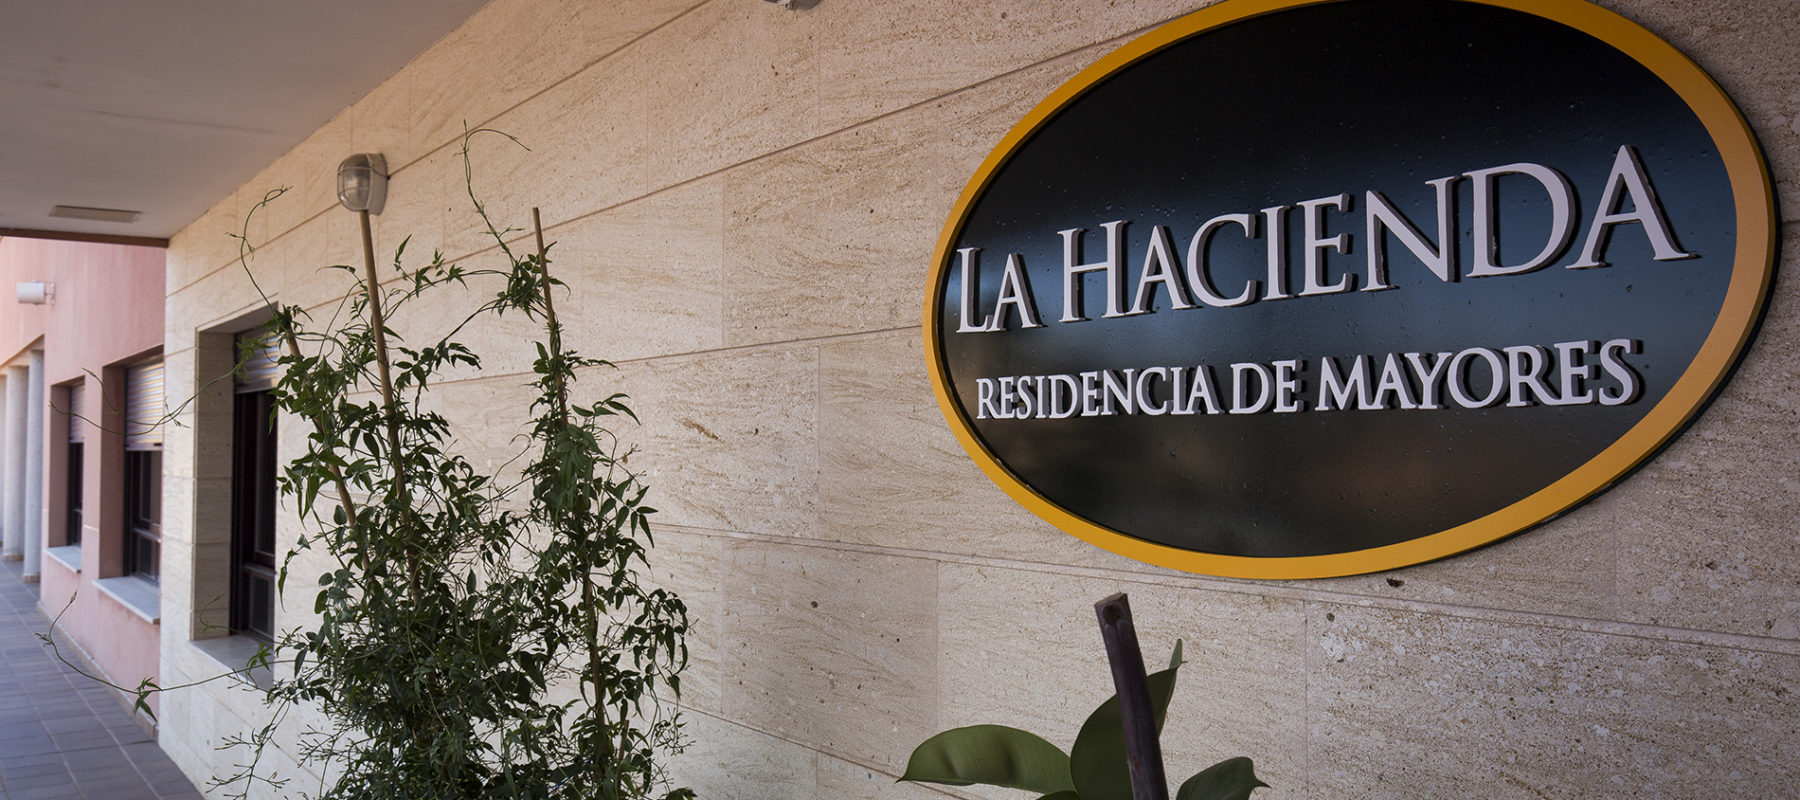 La-hacienda_C5D4785